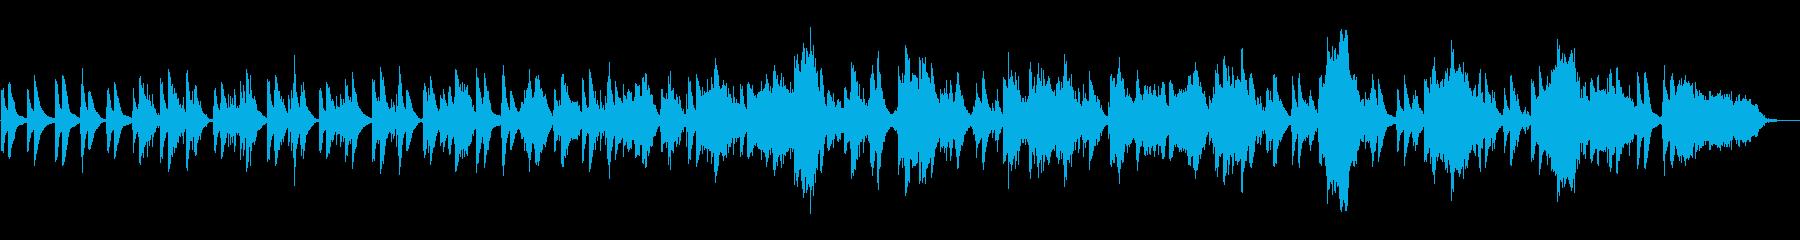 ヒーリング向けのピアノアンビエントの再生済みの波形